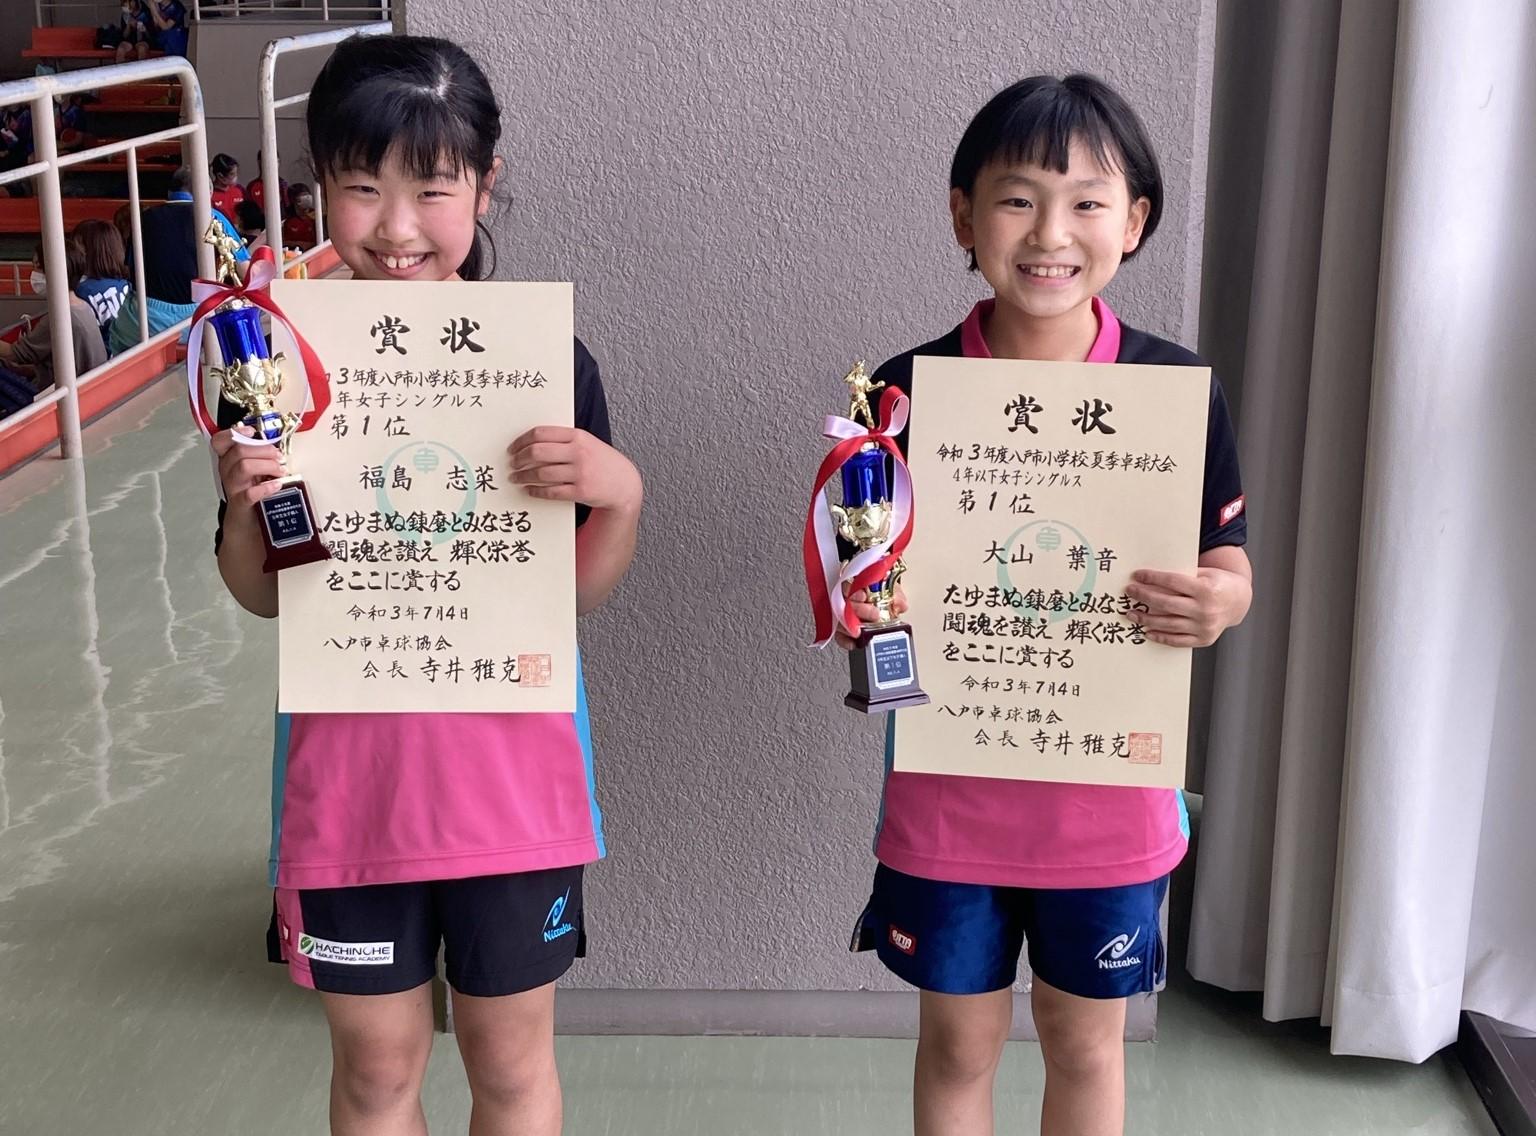 八戸卓球アカデミー大会結果